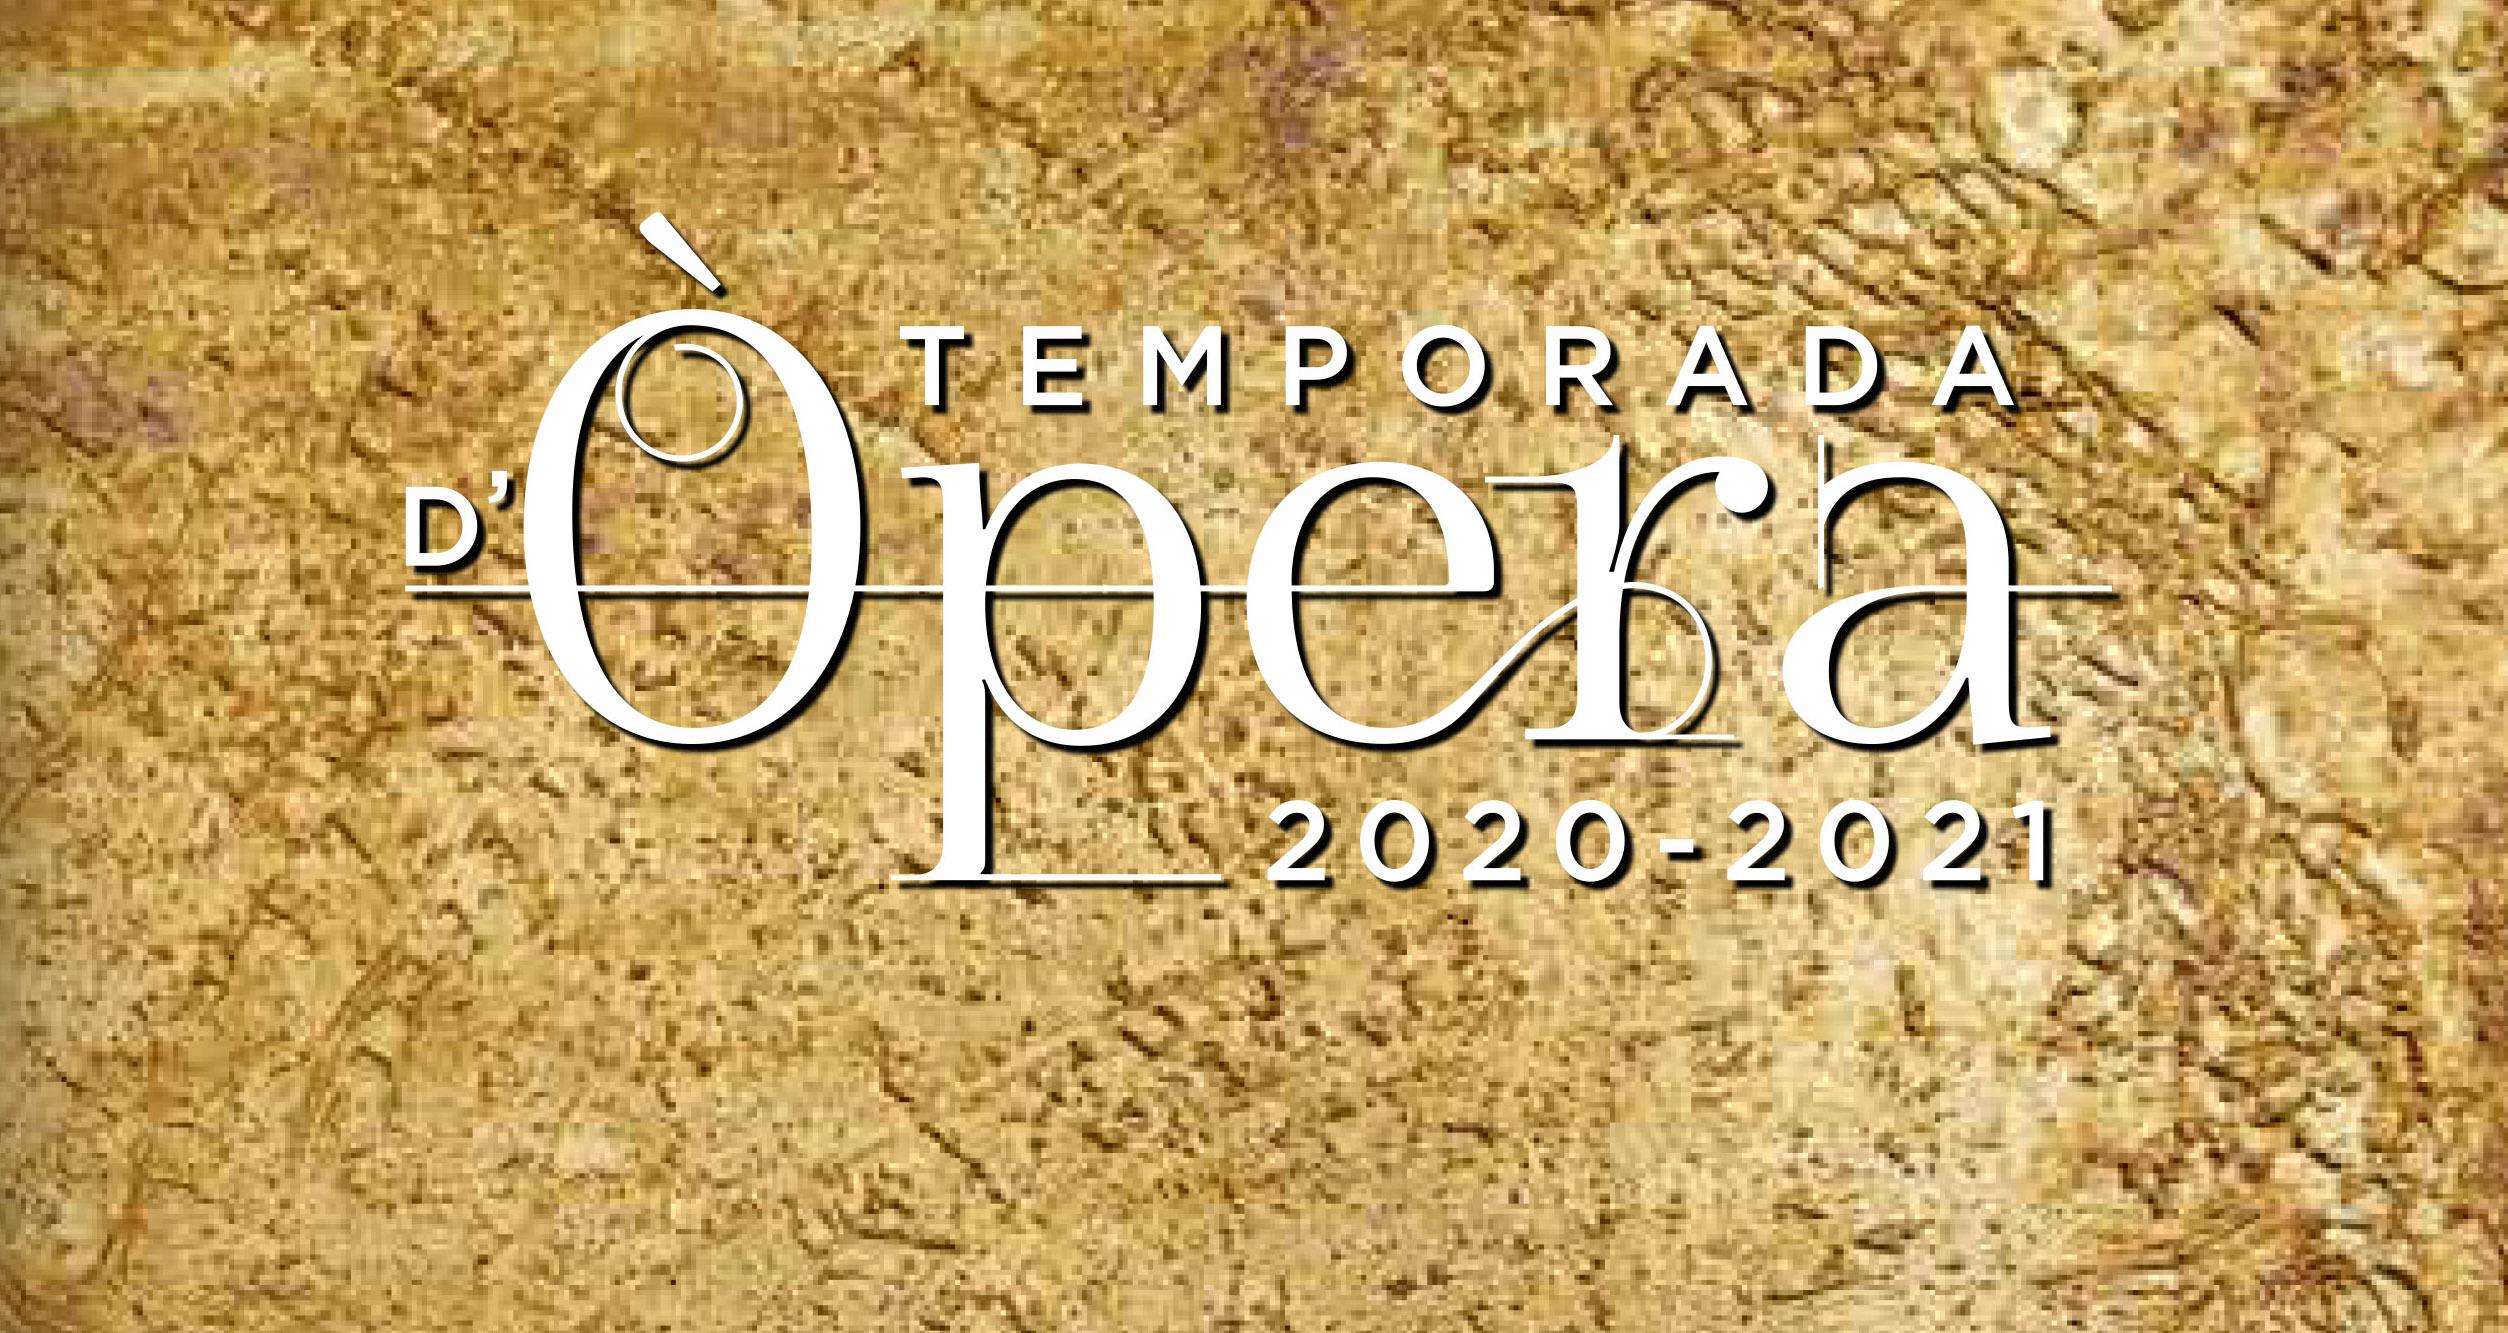 Ya Podéis Recoger El Libro «Temporada D'Òpera 2020-2021»